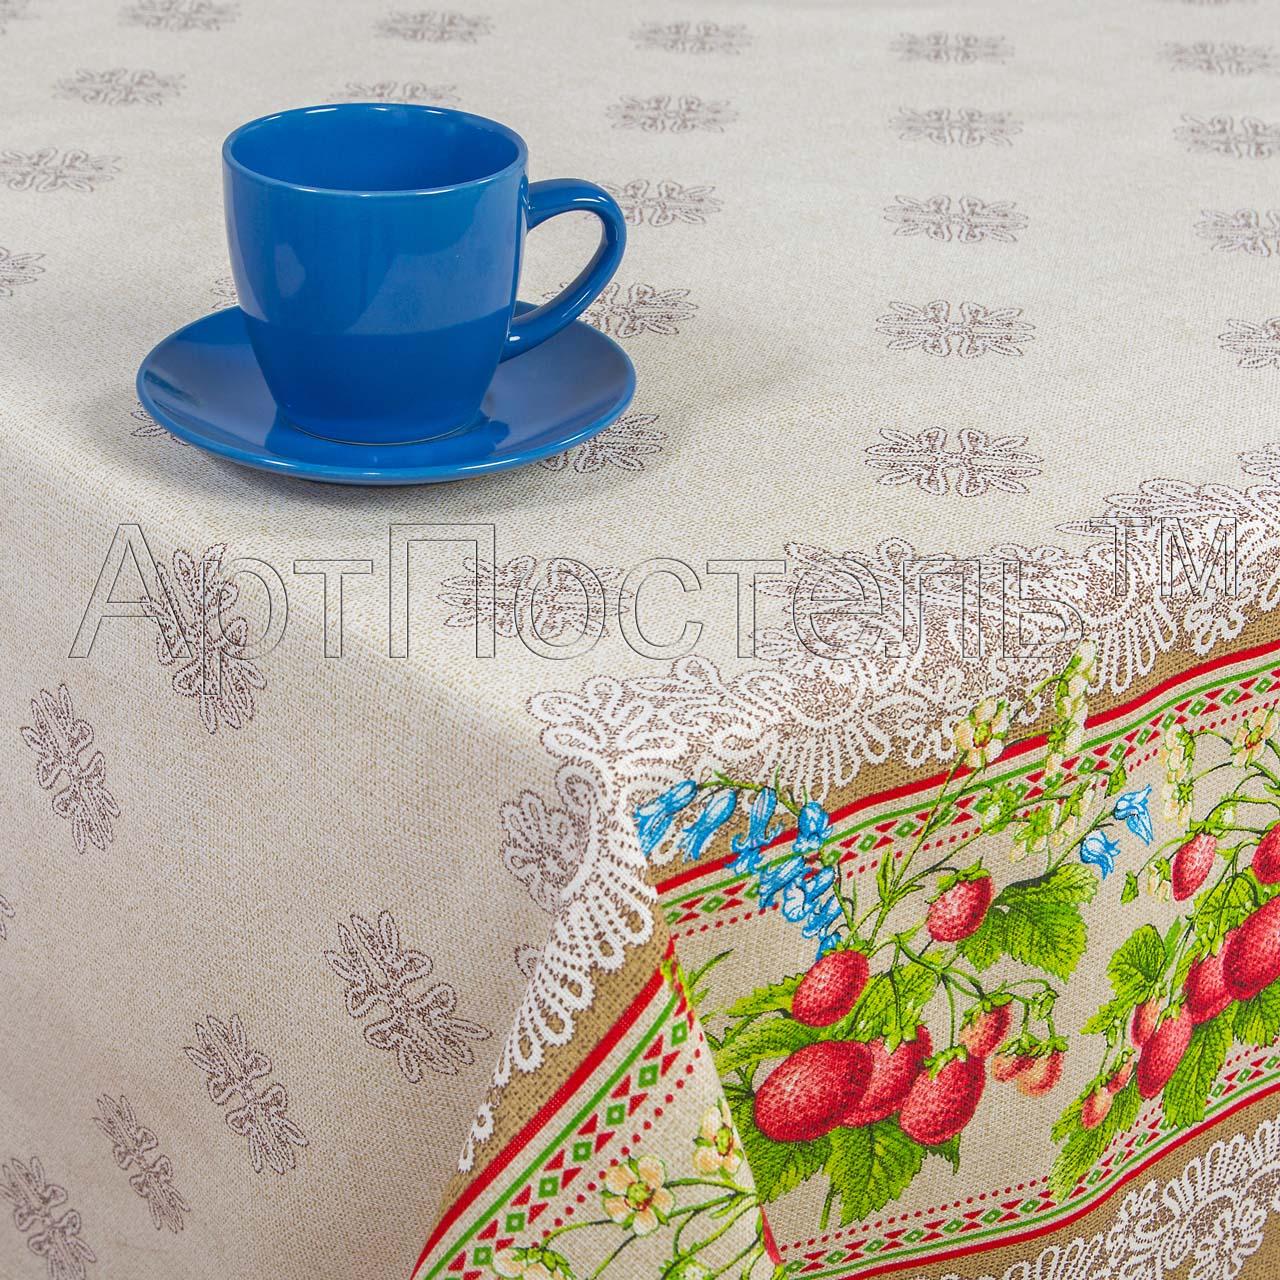 Скатерть Земляничка р. 260х145Кухонные принадлежности<br>Плотность ткани:160 г/кв. м<br><br>Тип: Скатерть<br>Размер: 260х145<br>Материал: Рогожка